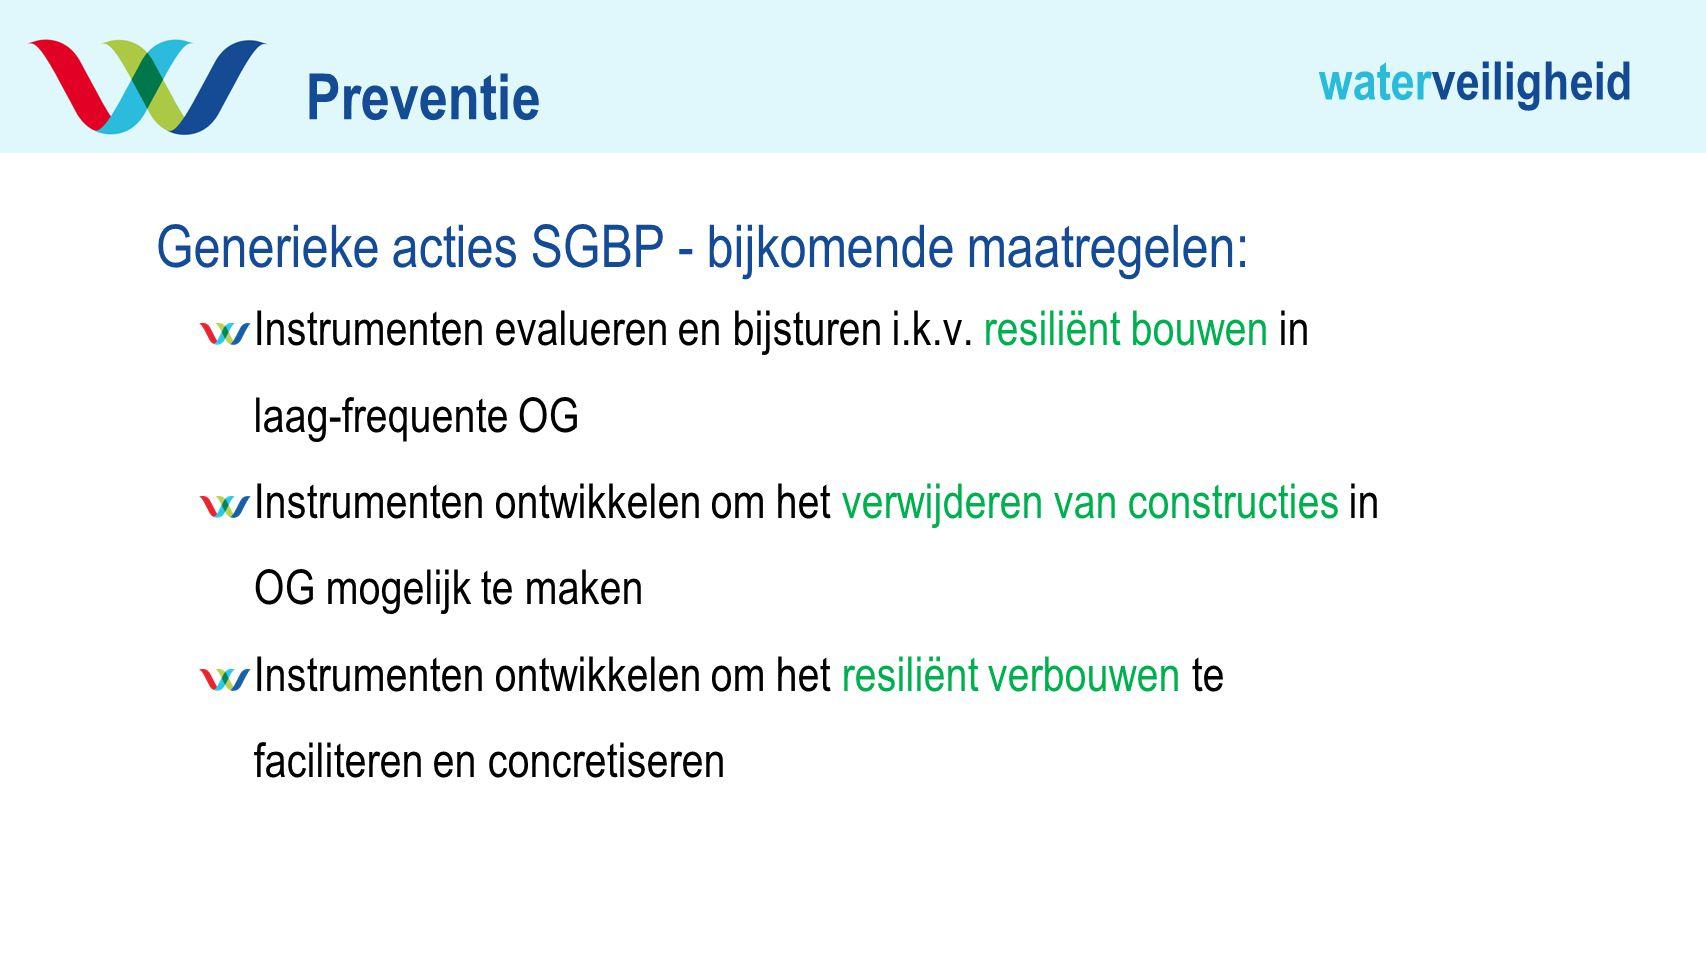 waterveiligheid Generieke acties SGBP - bijkomende maatregelen: Instrumenten evalueren en bijsturen i.k.v. resiliënt bouwen in laag-frequente OG Instr